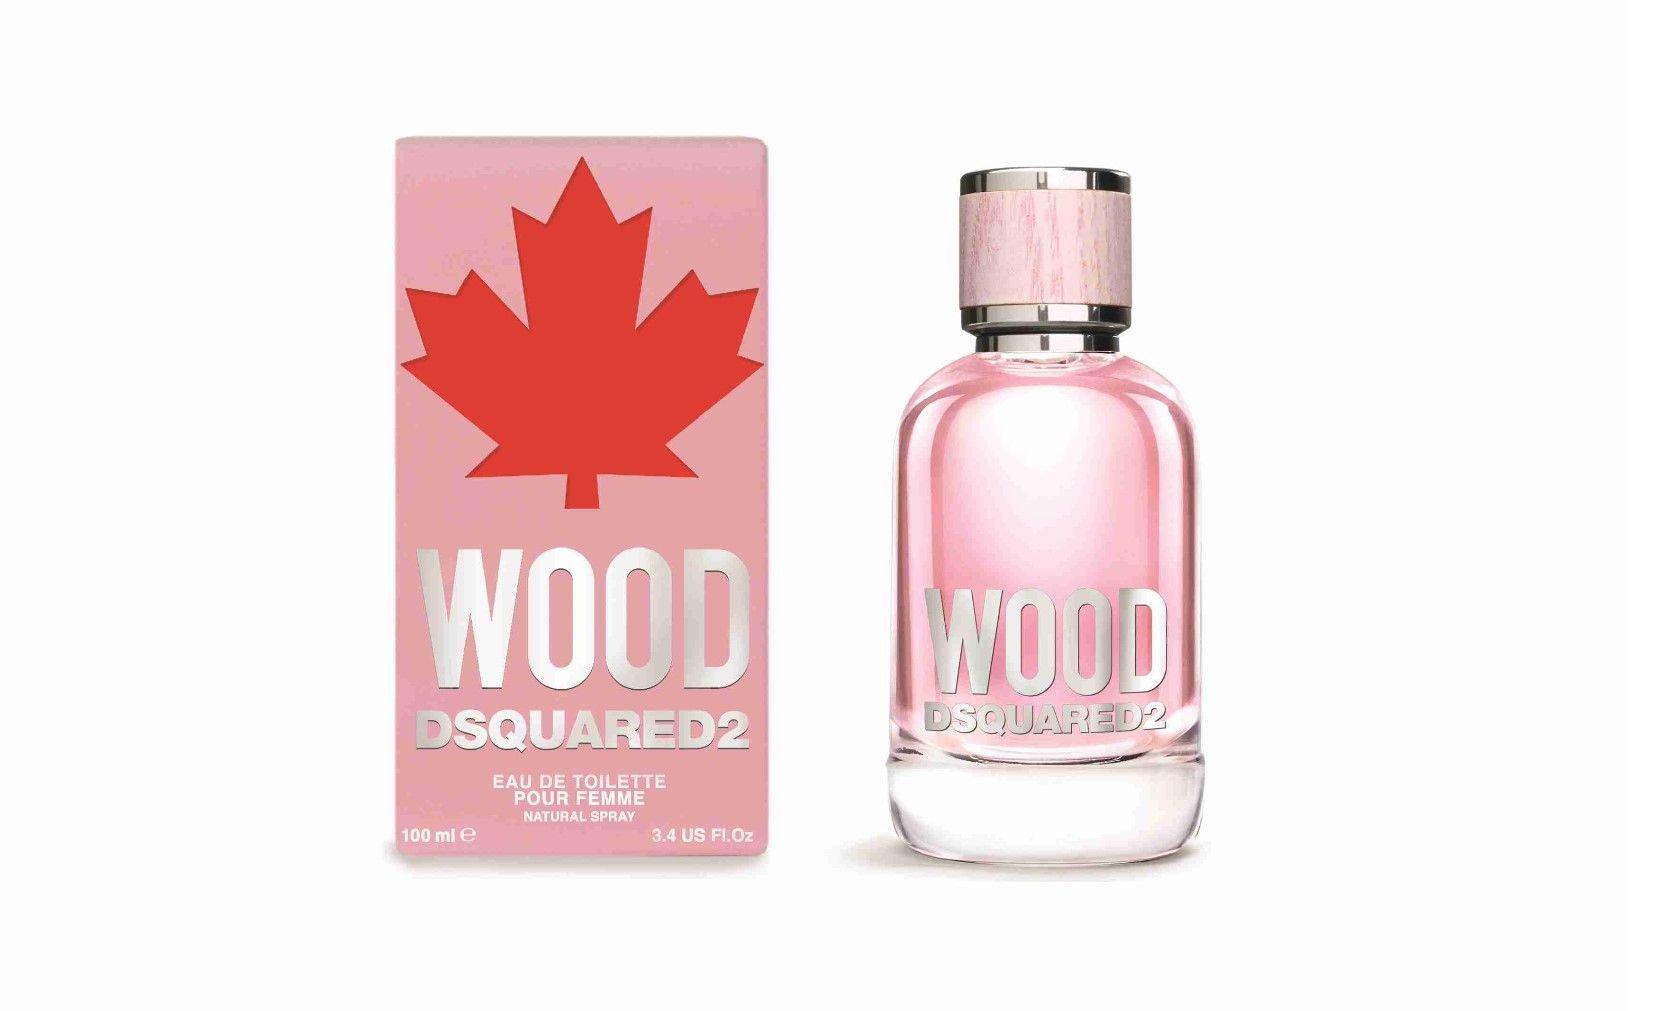 WOOD.天性男女淡香水 用香調展現林間故事的起承轉合 「一對穿梭森林的男女…正恣意地邁開步伐」